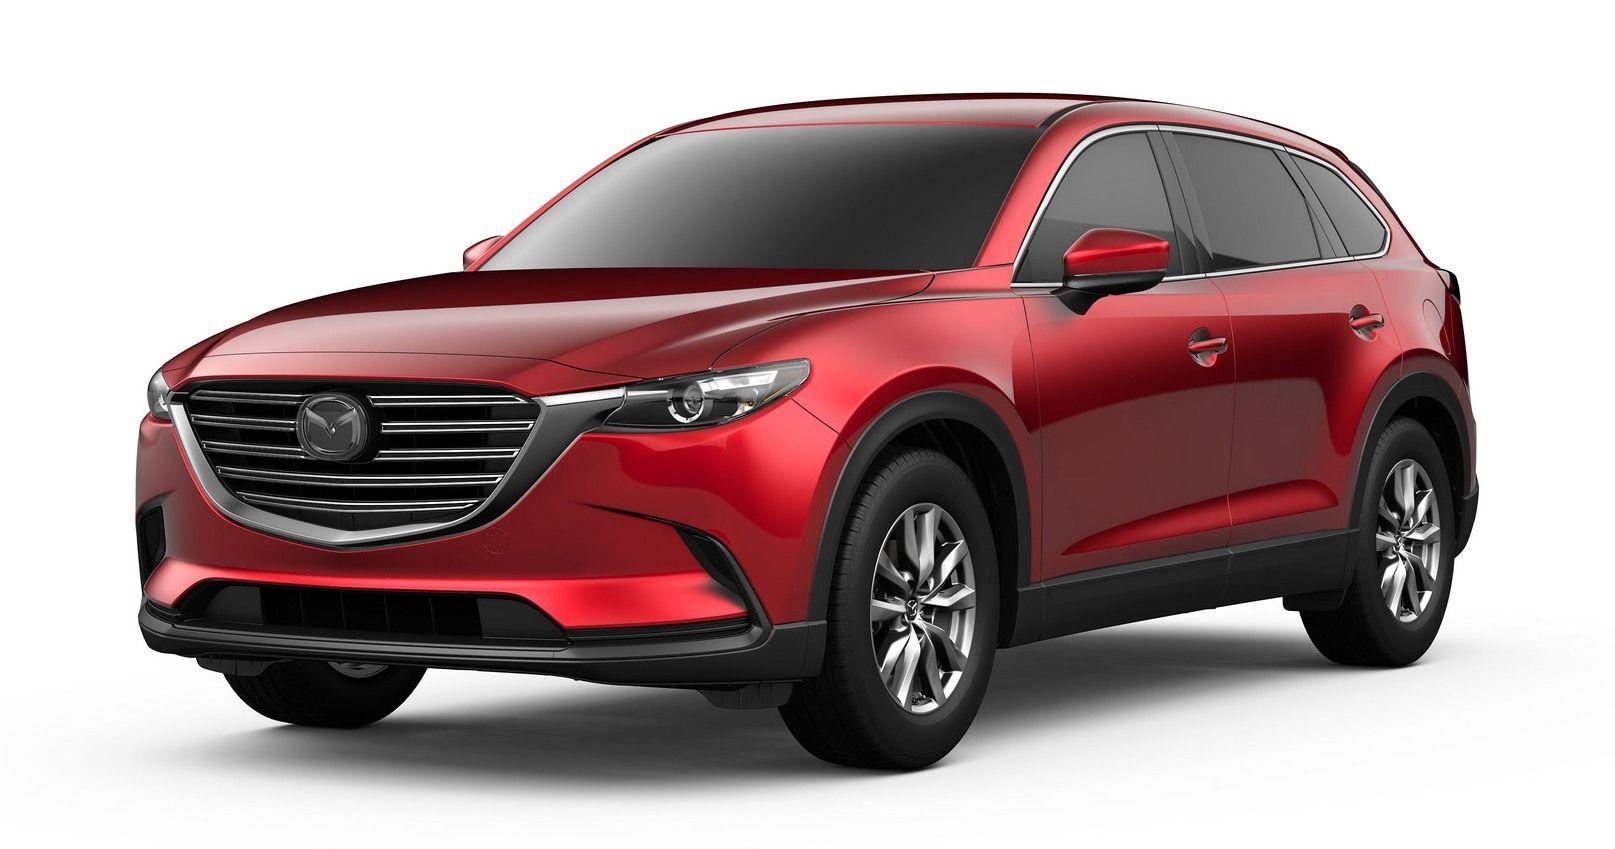 2018 Mazda CX-9 | Bert Ogden Mission Mazda